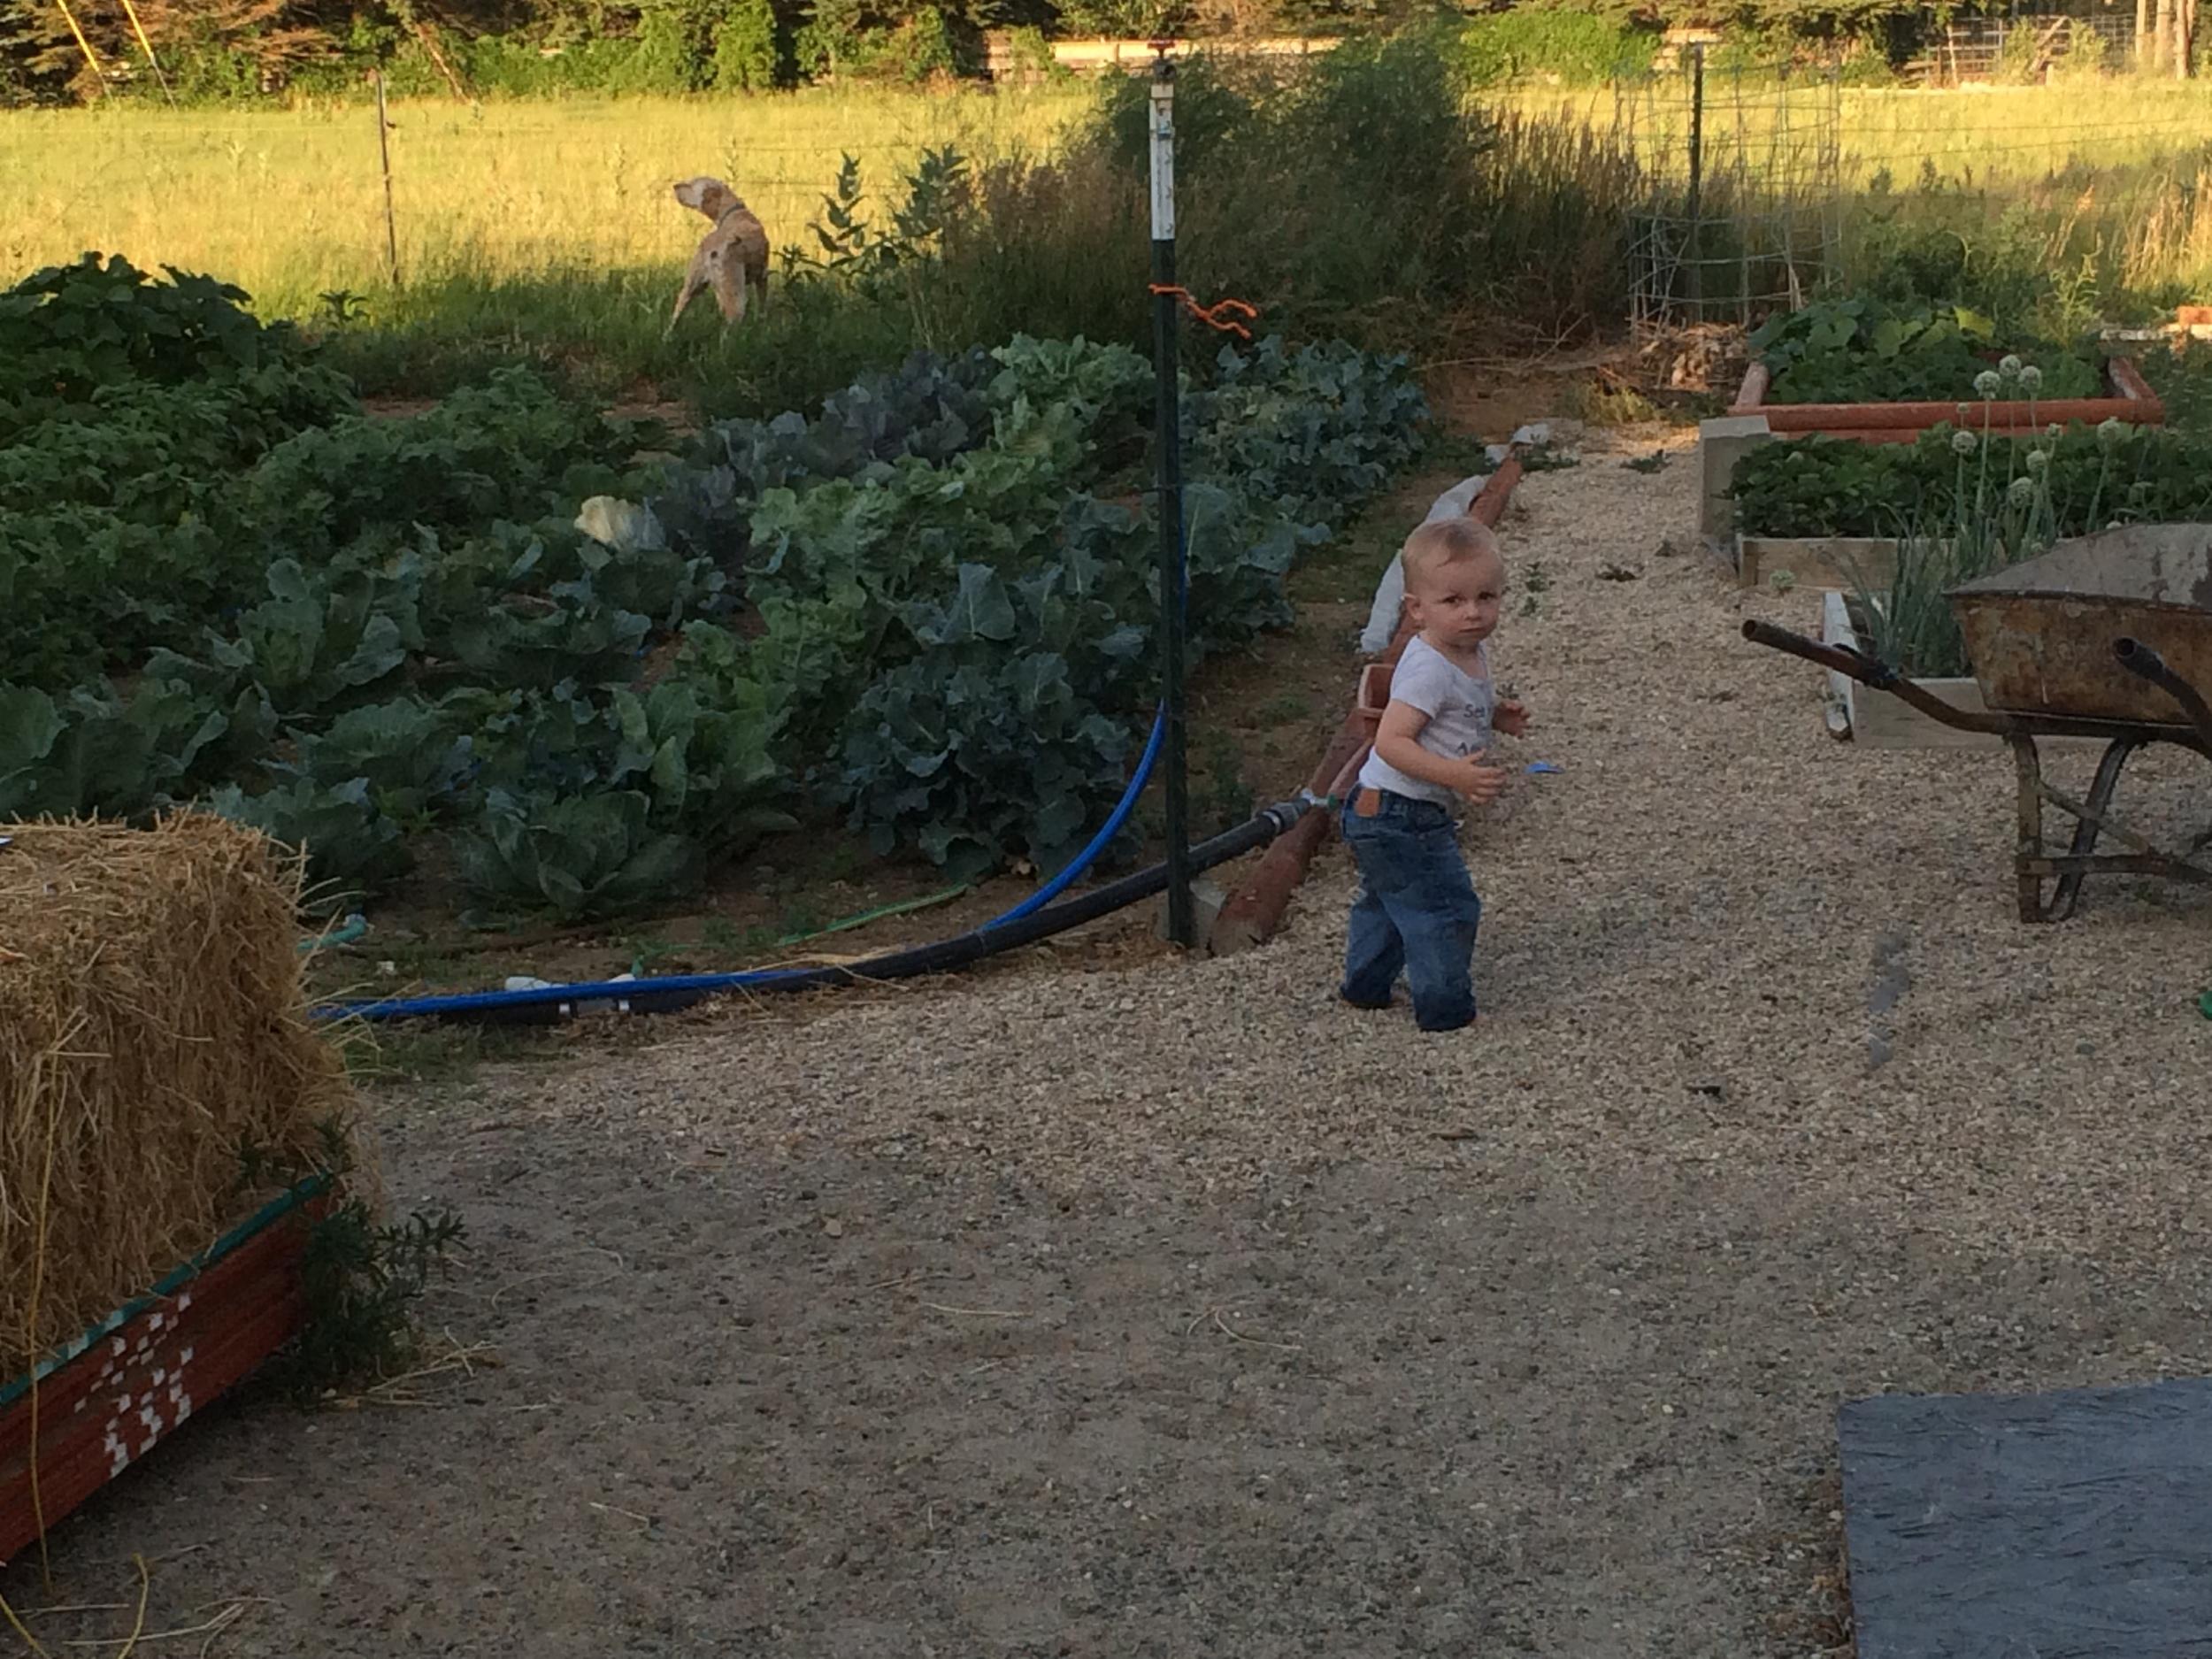 Toddling around Grandma's garden, barefoot.